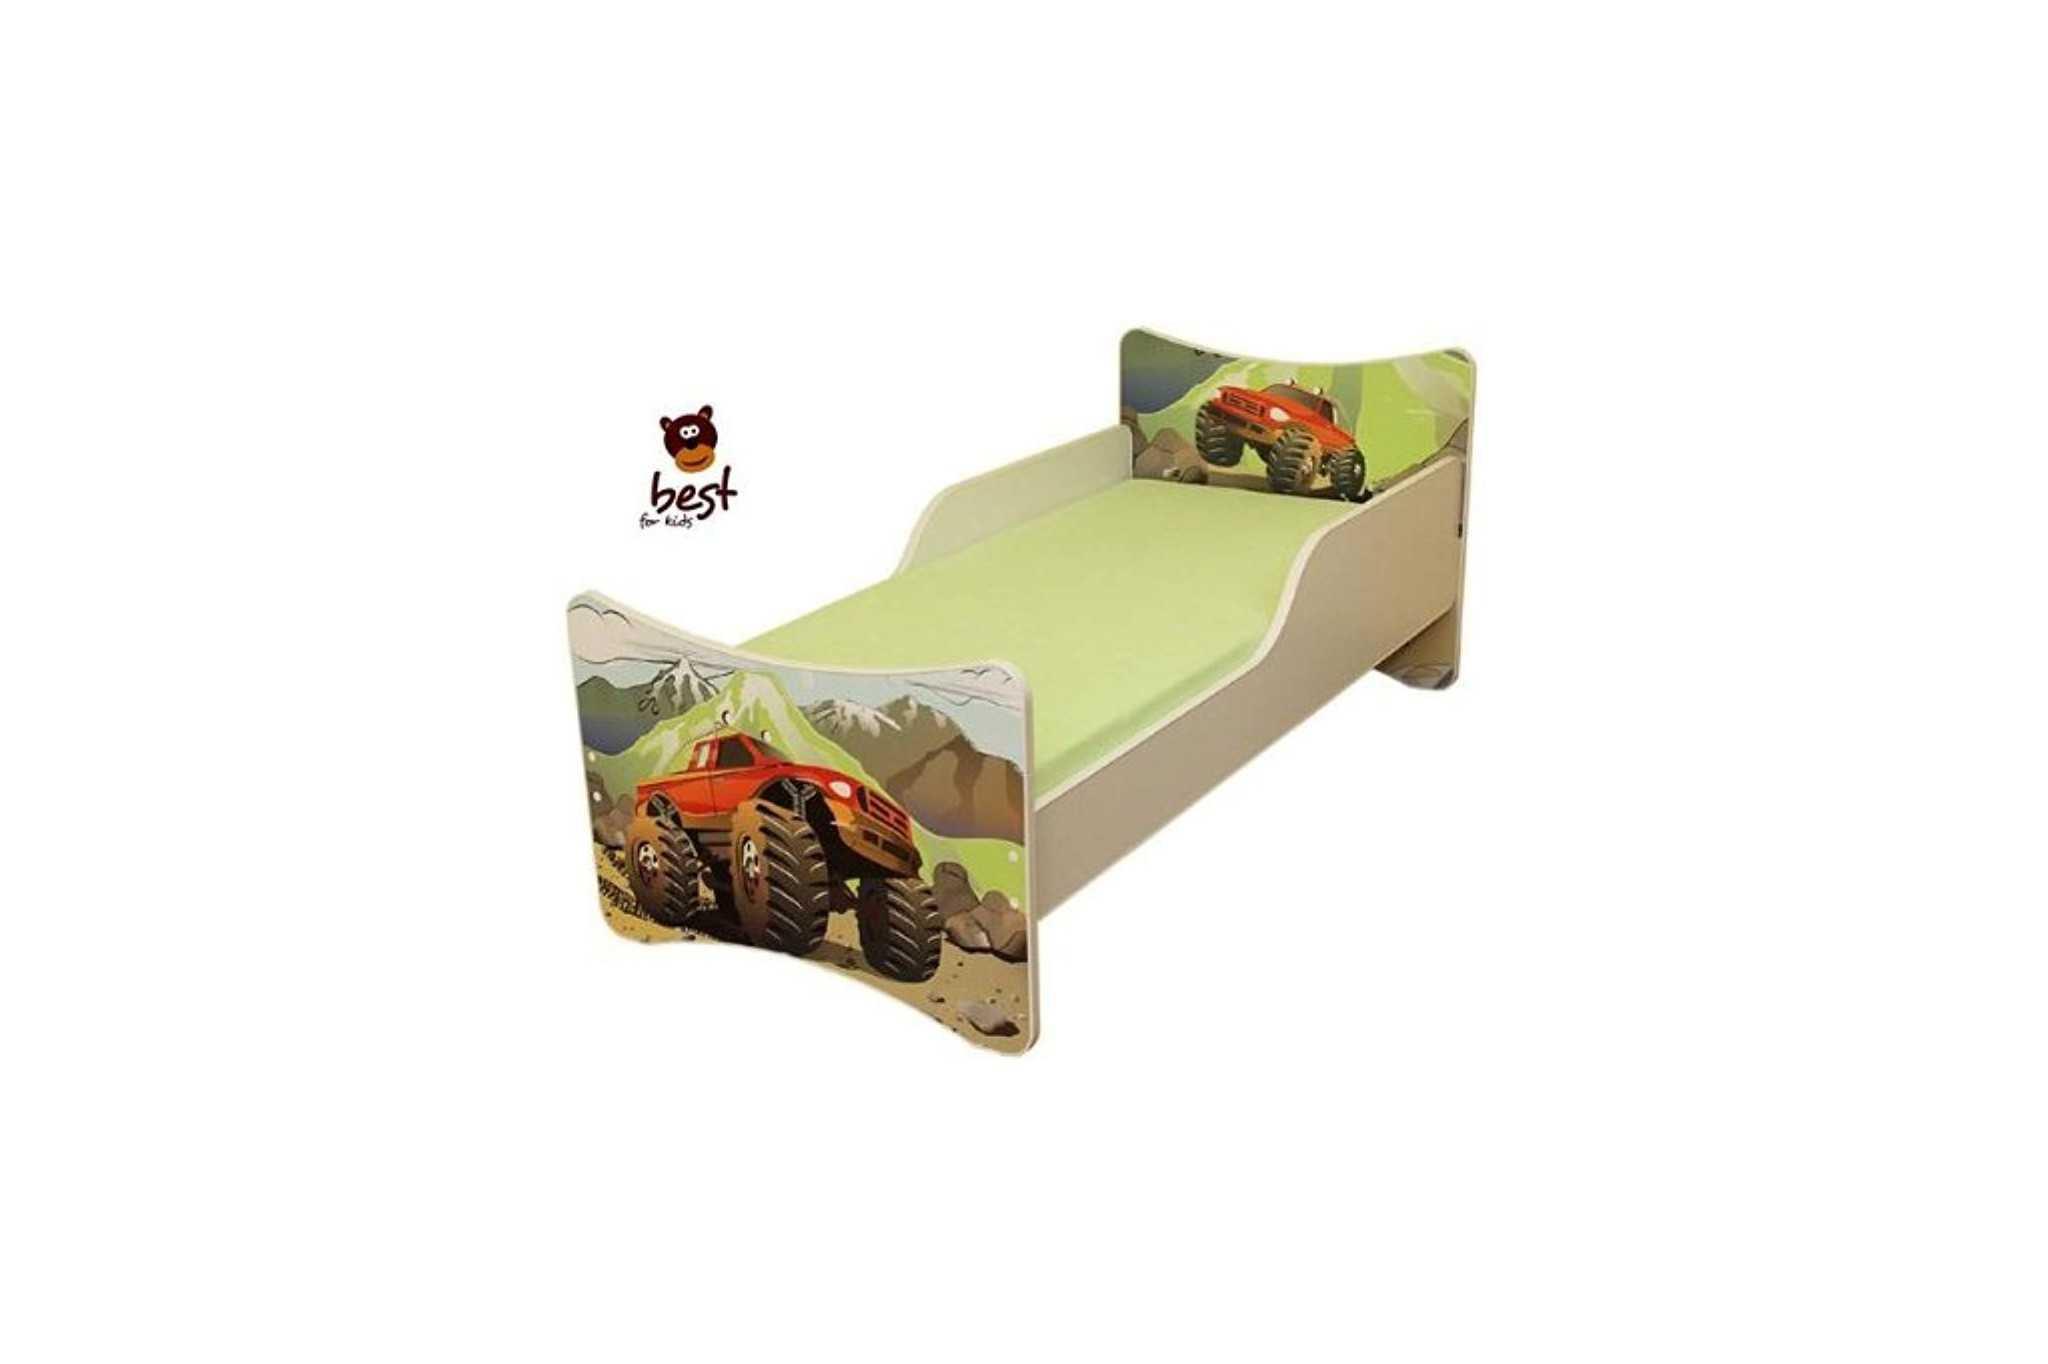 Best For Garden Grillabdeckung BBQ Grill Abdeckhaube Schutzhülle Haube 5 Modelle